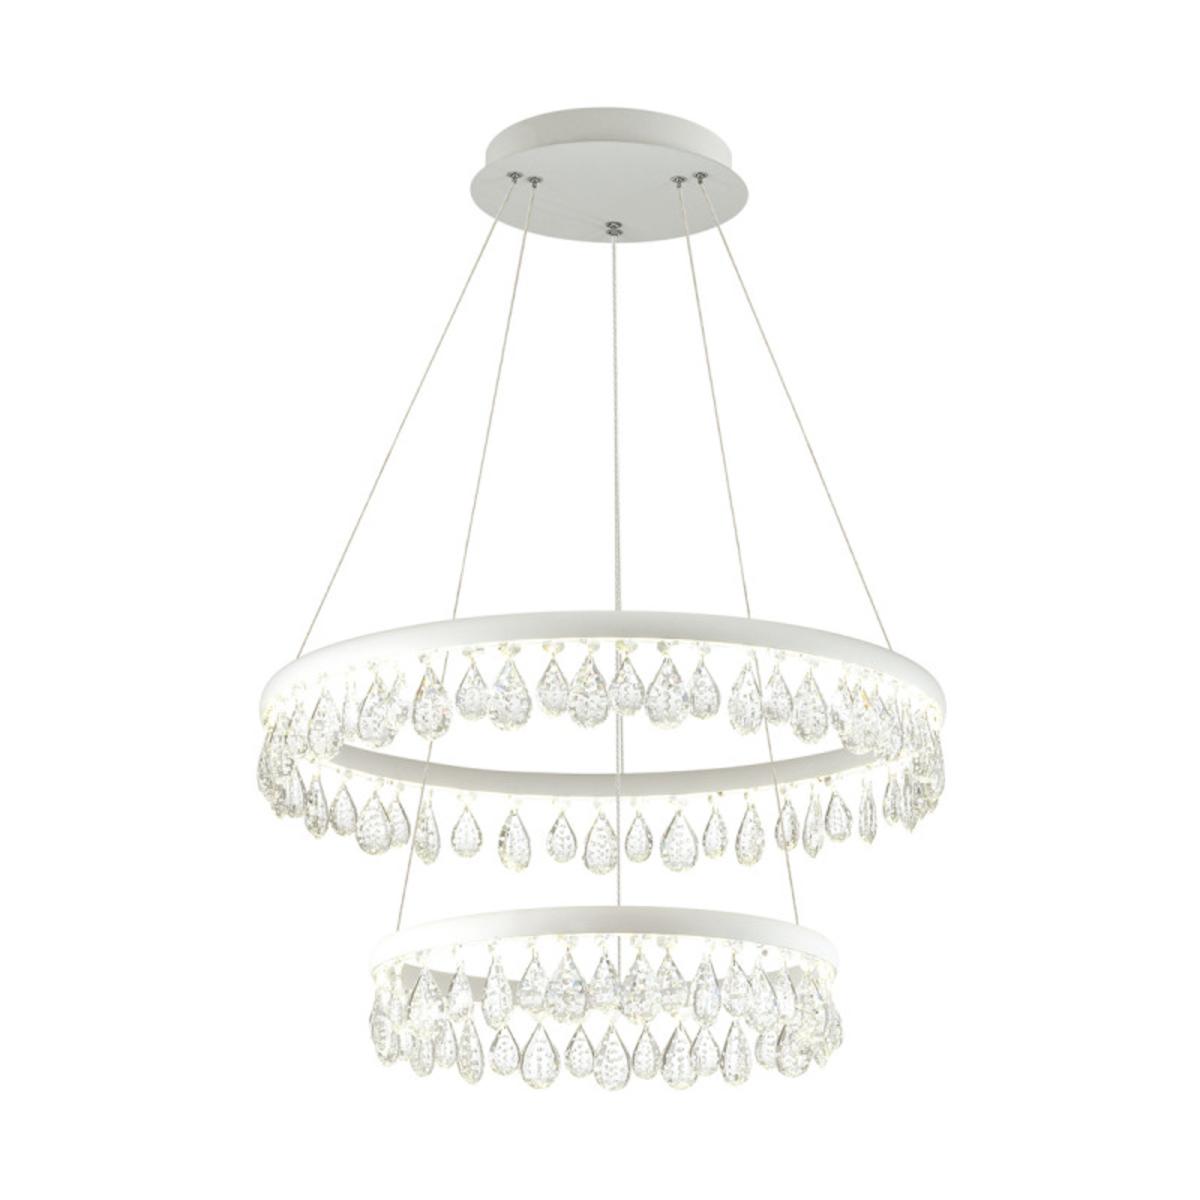 Купить Подвесной светильник Onix Подвесной светильник Odeon Light 4602/60L (15597), HomeMe